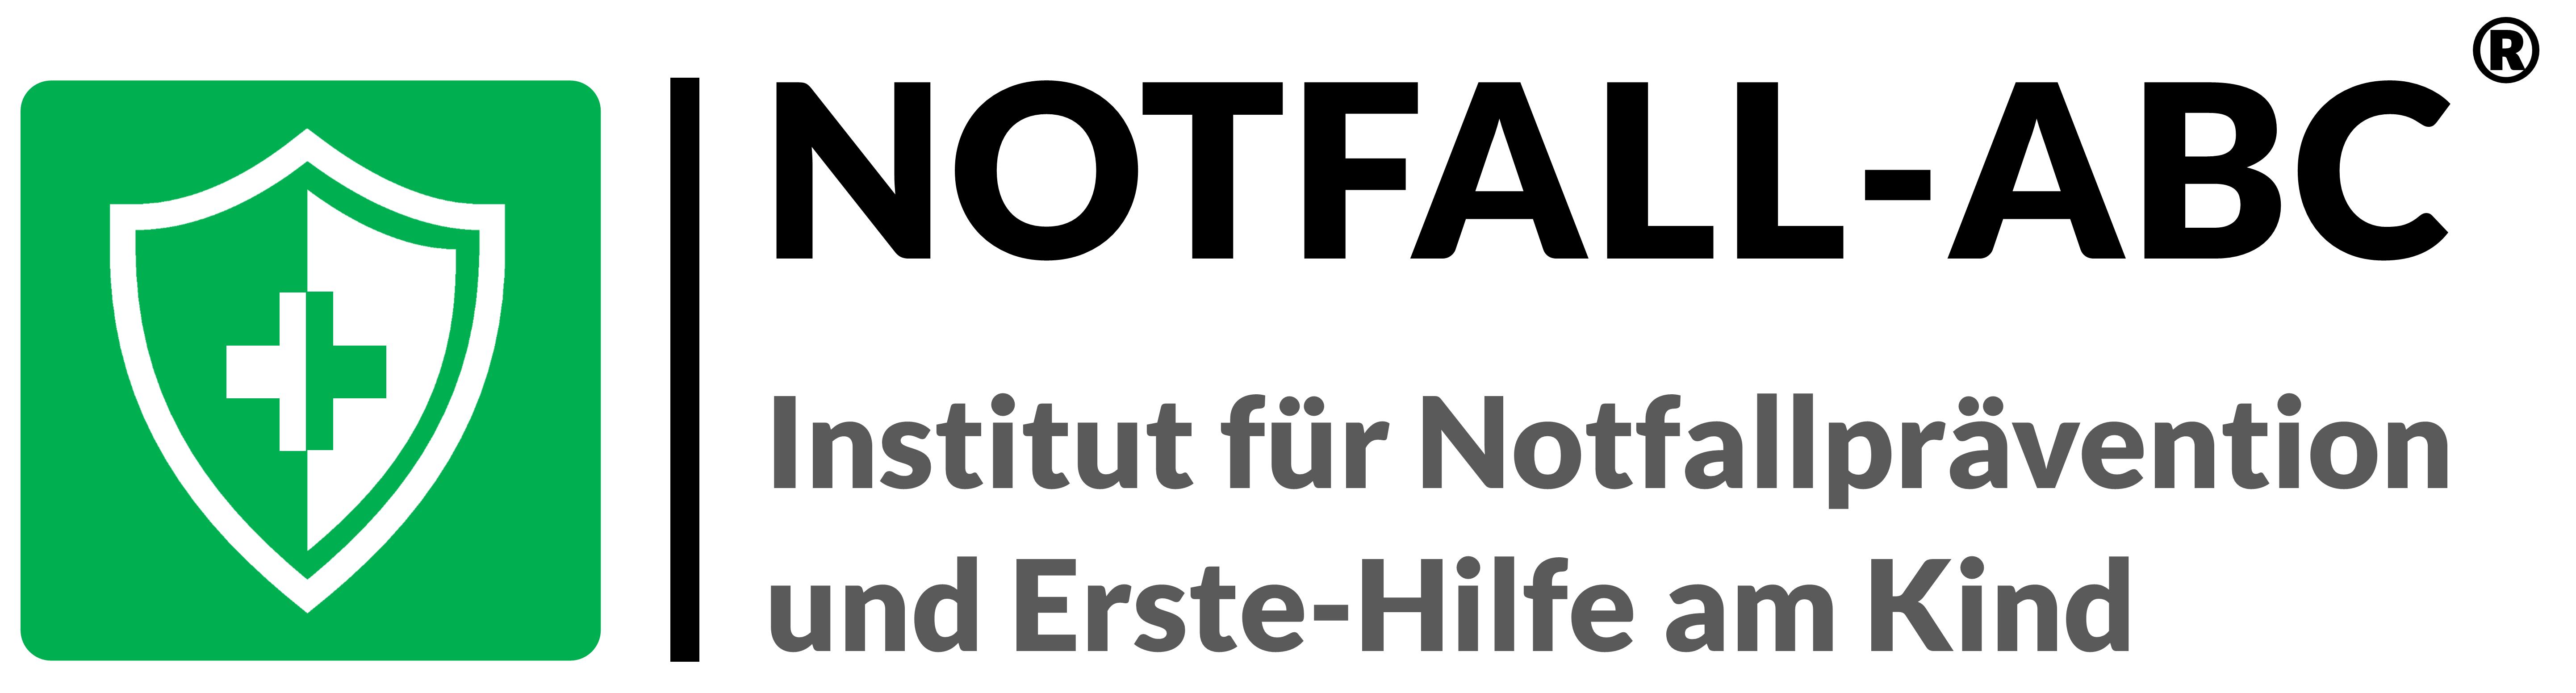 Notfall-ABC